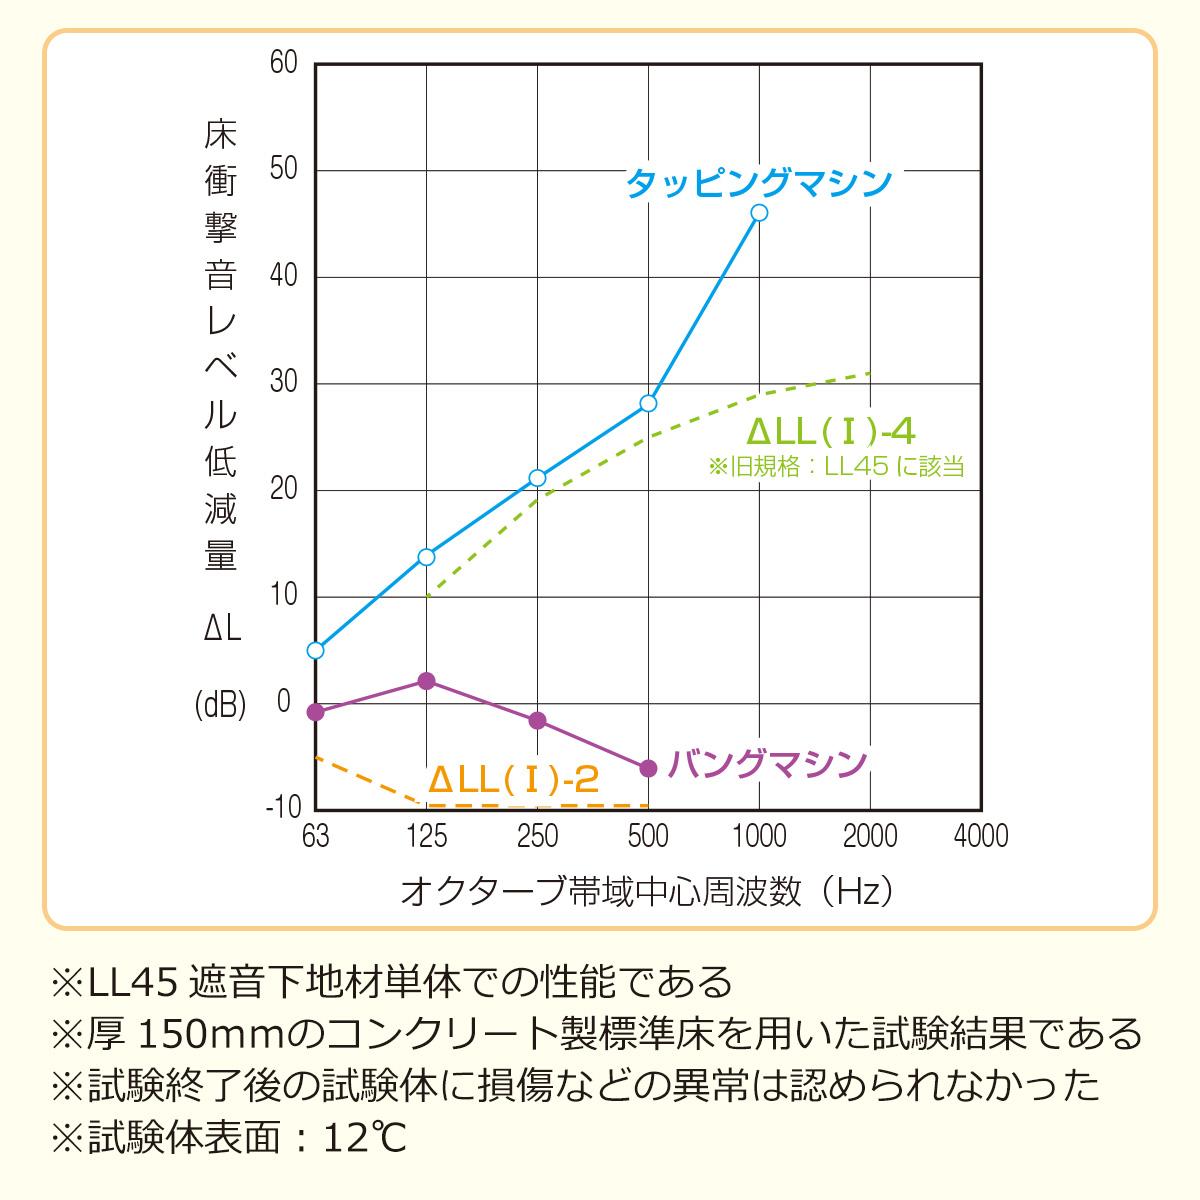 床衝撃音レベル低減量グラフ